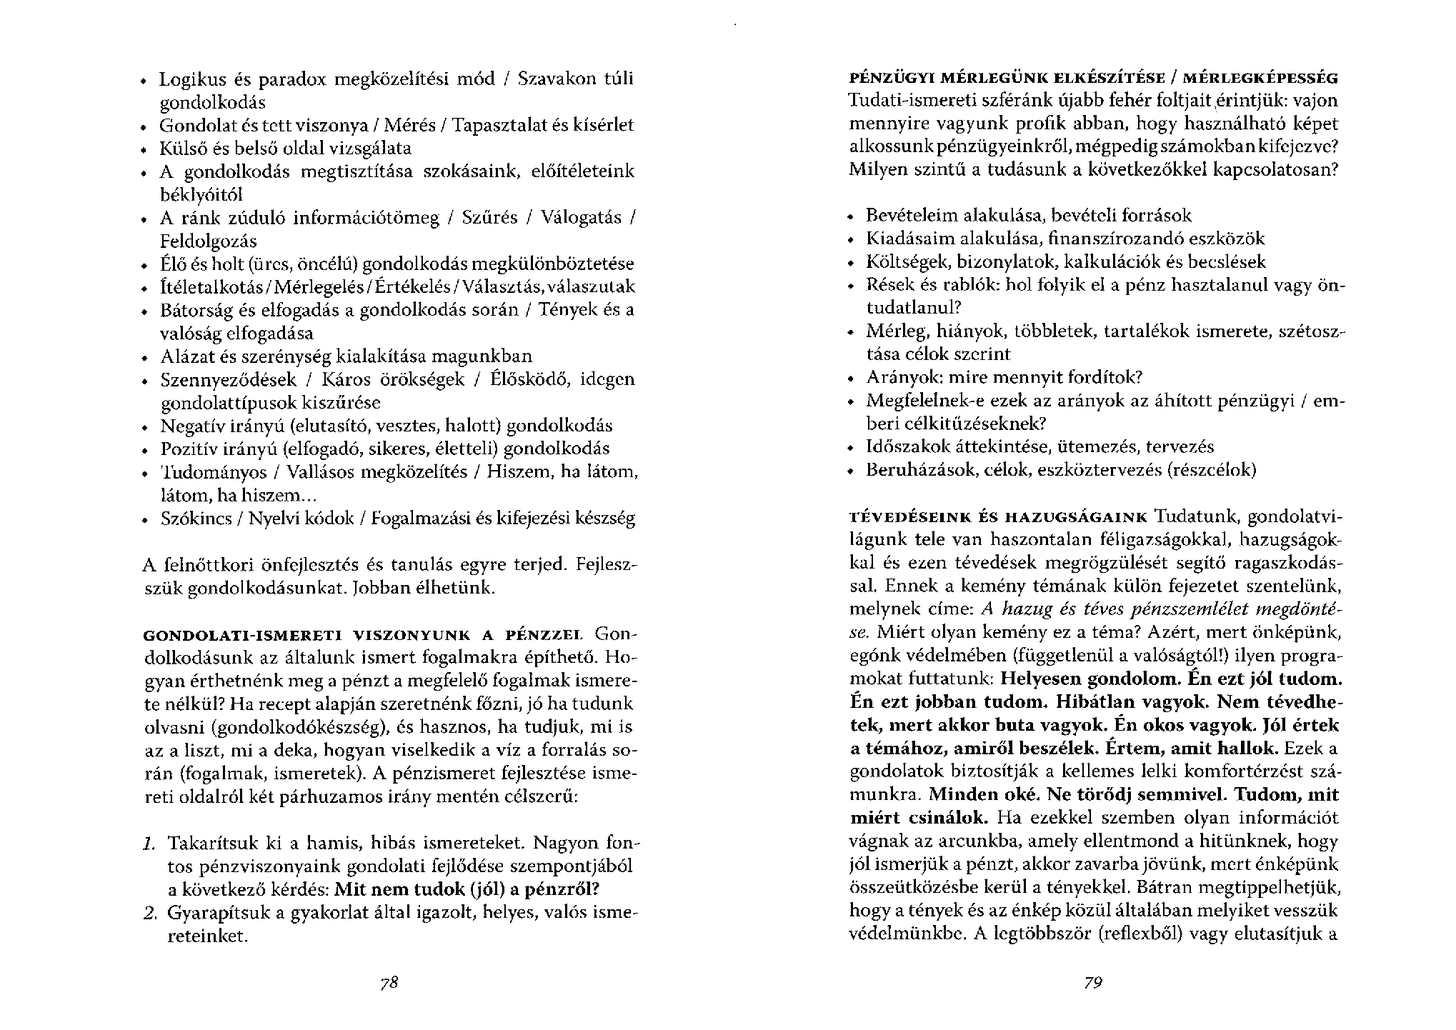 A KSH kiadványkatalógusa